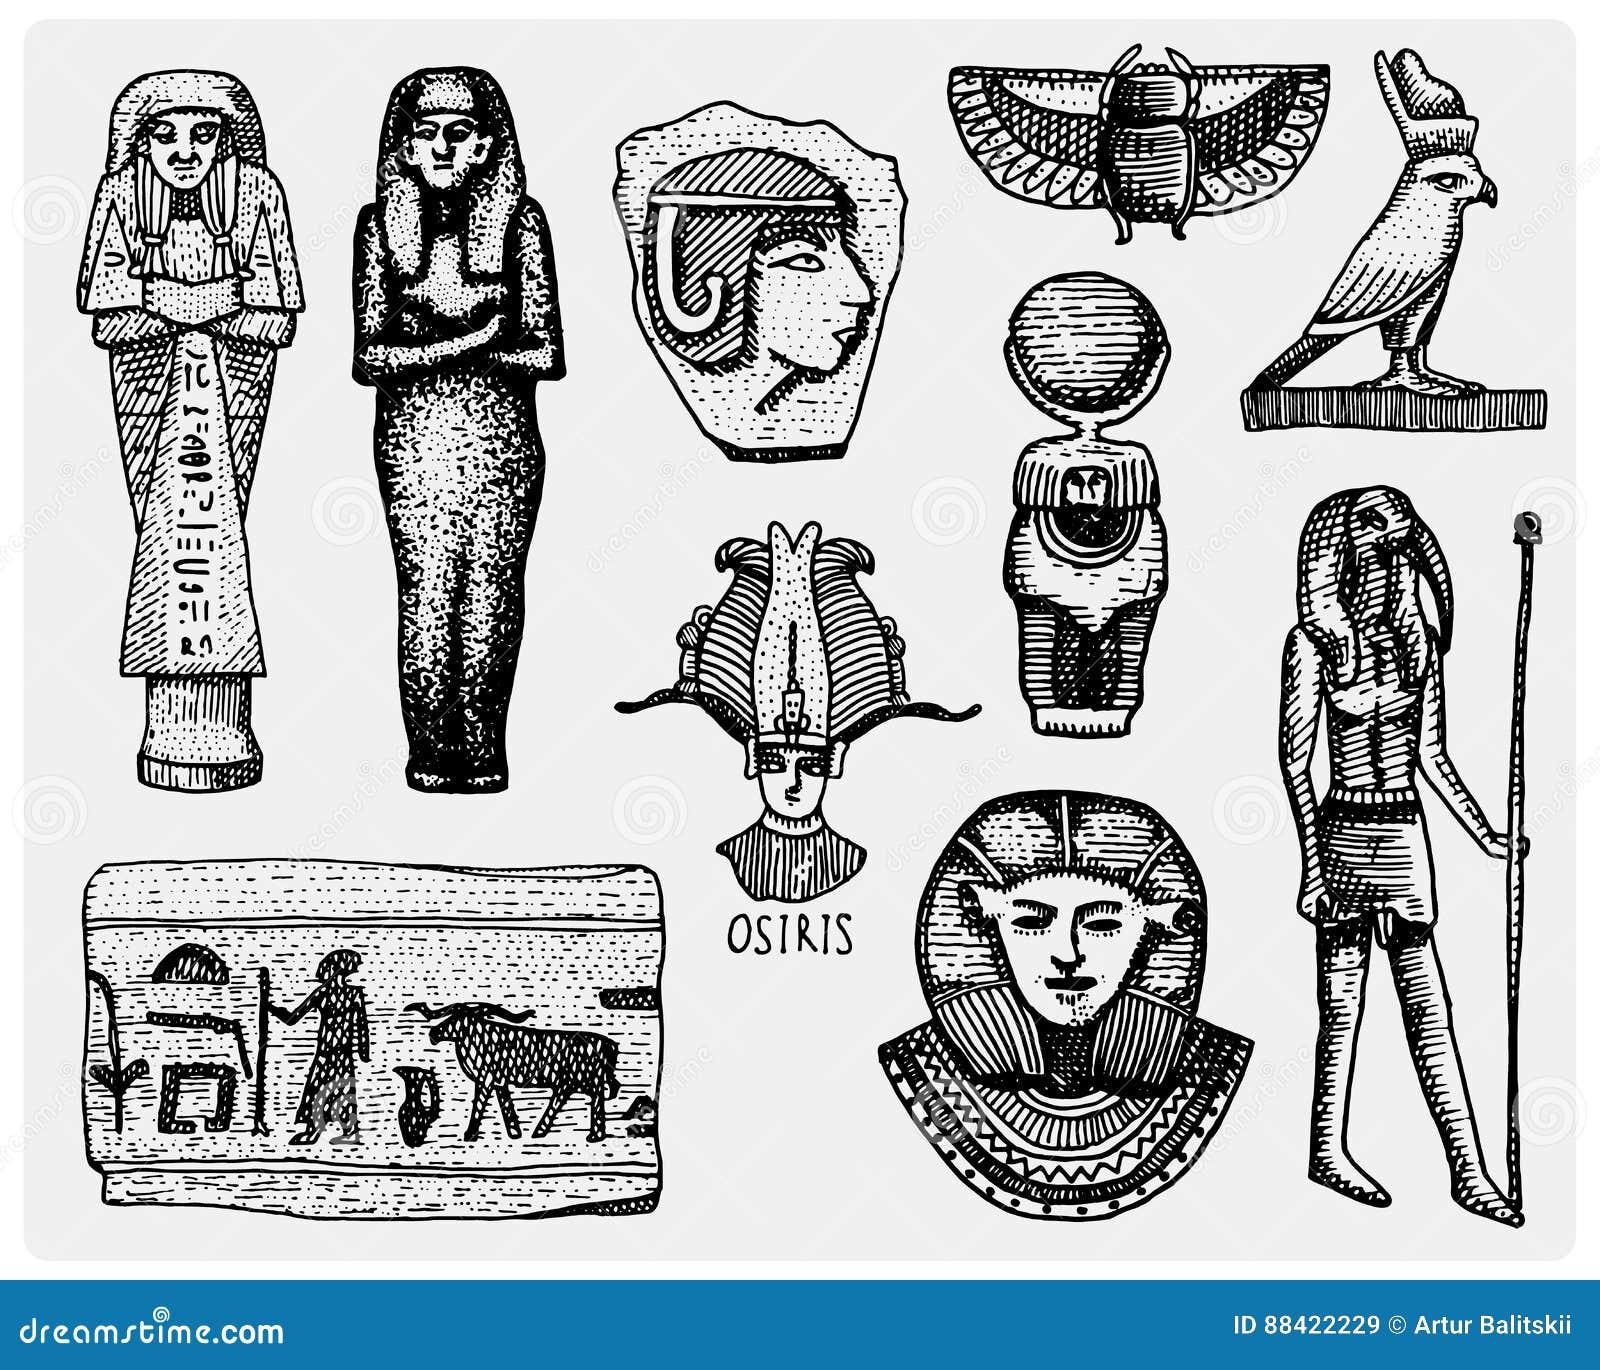 Egyptian Symbols Pharaon Scorob Hieroglyphics And Osiris Head